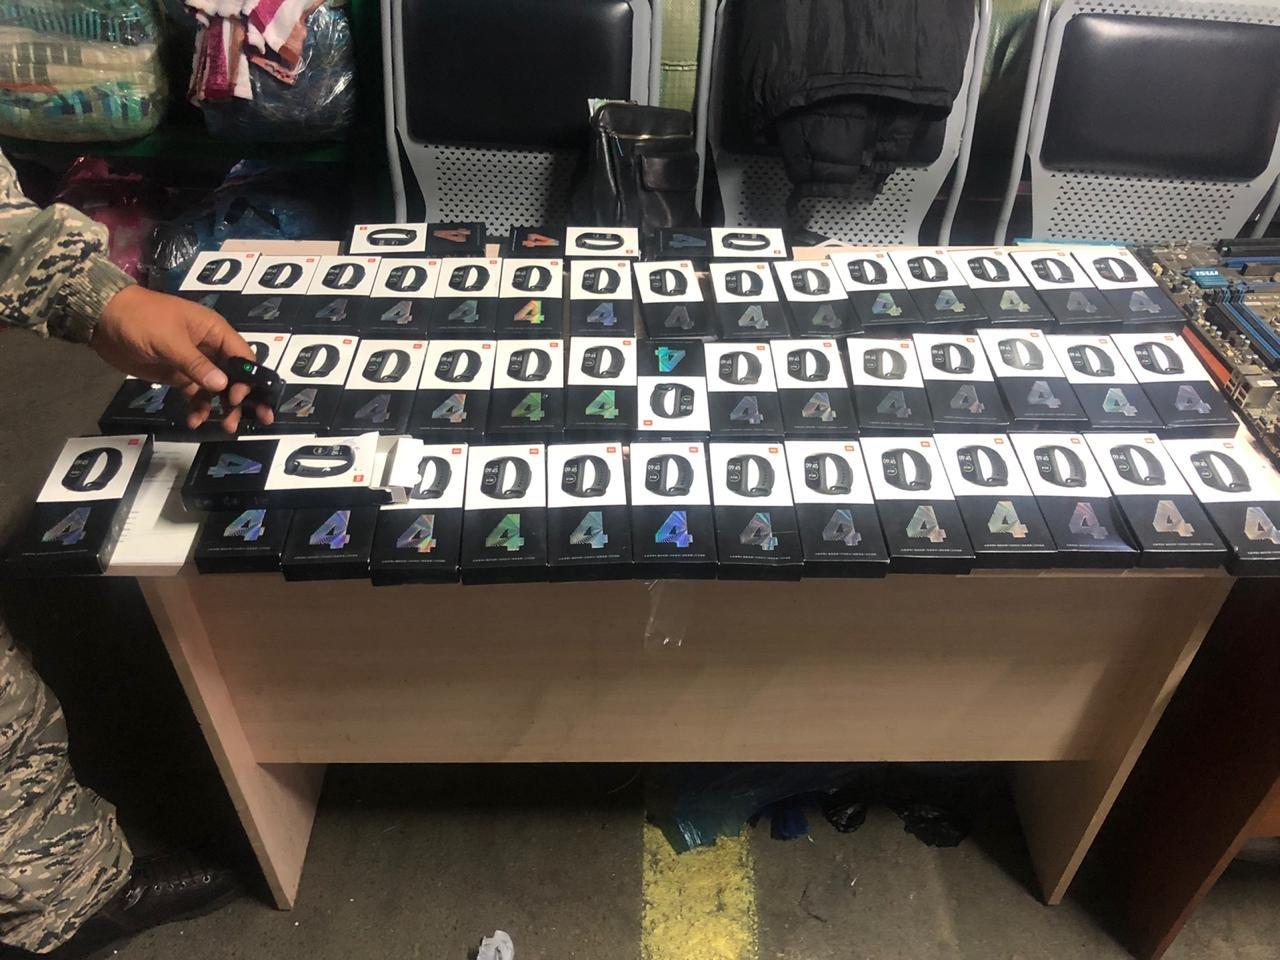 Фитнес-браслеты Mi и другую контрабанду задержали на Хоргосе, фото-1